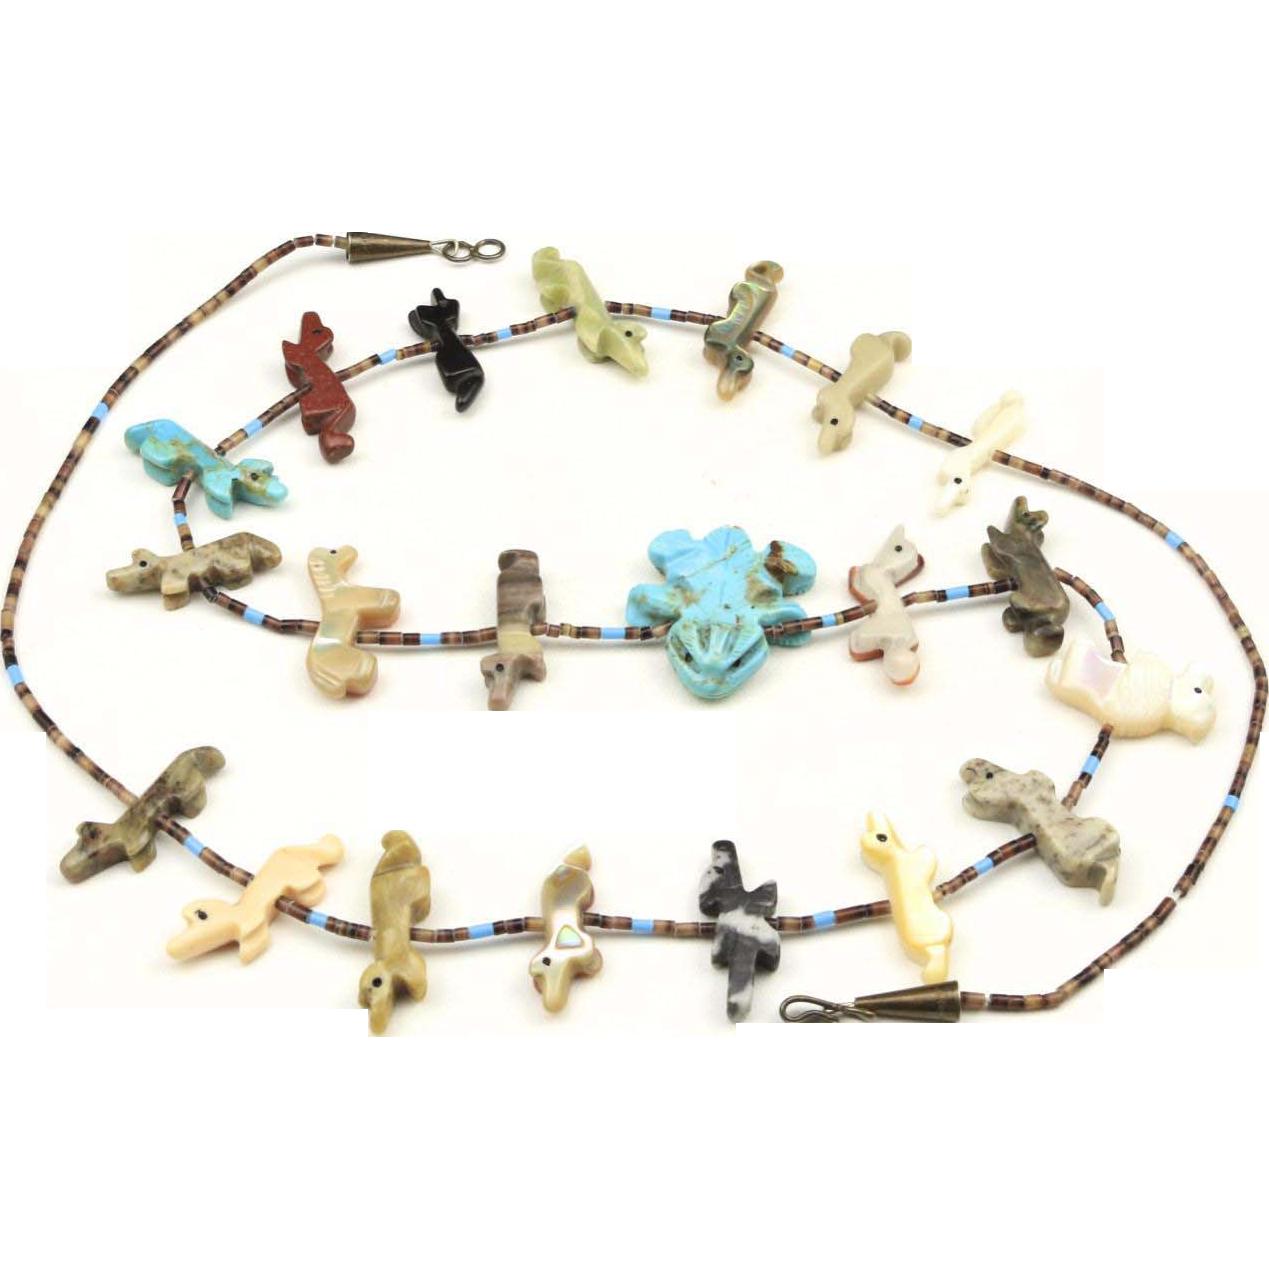 Vintage Zuni Frog Fetish Necklace Native American Carved Animals Fox Bison Horse